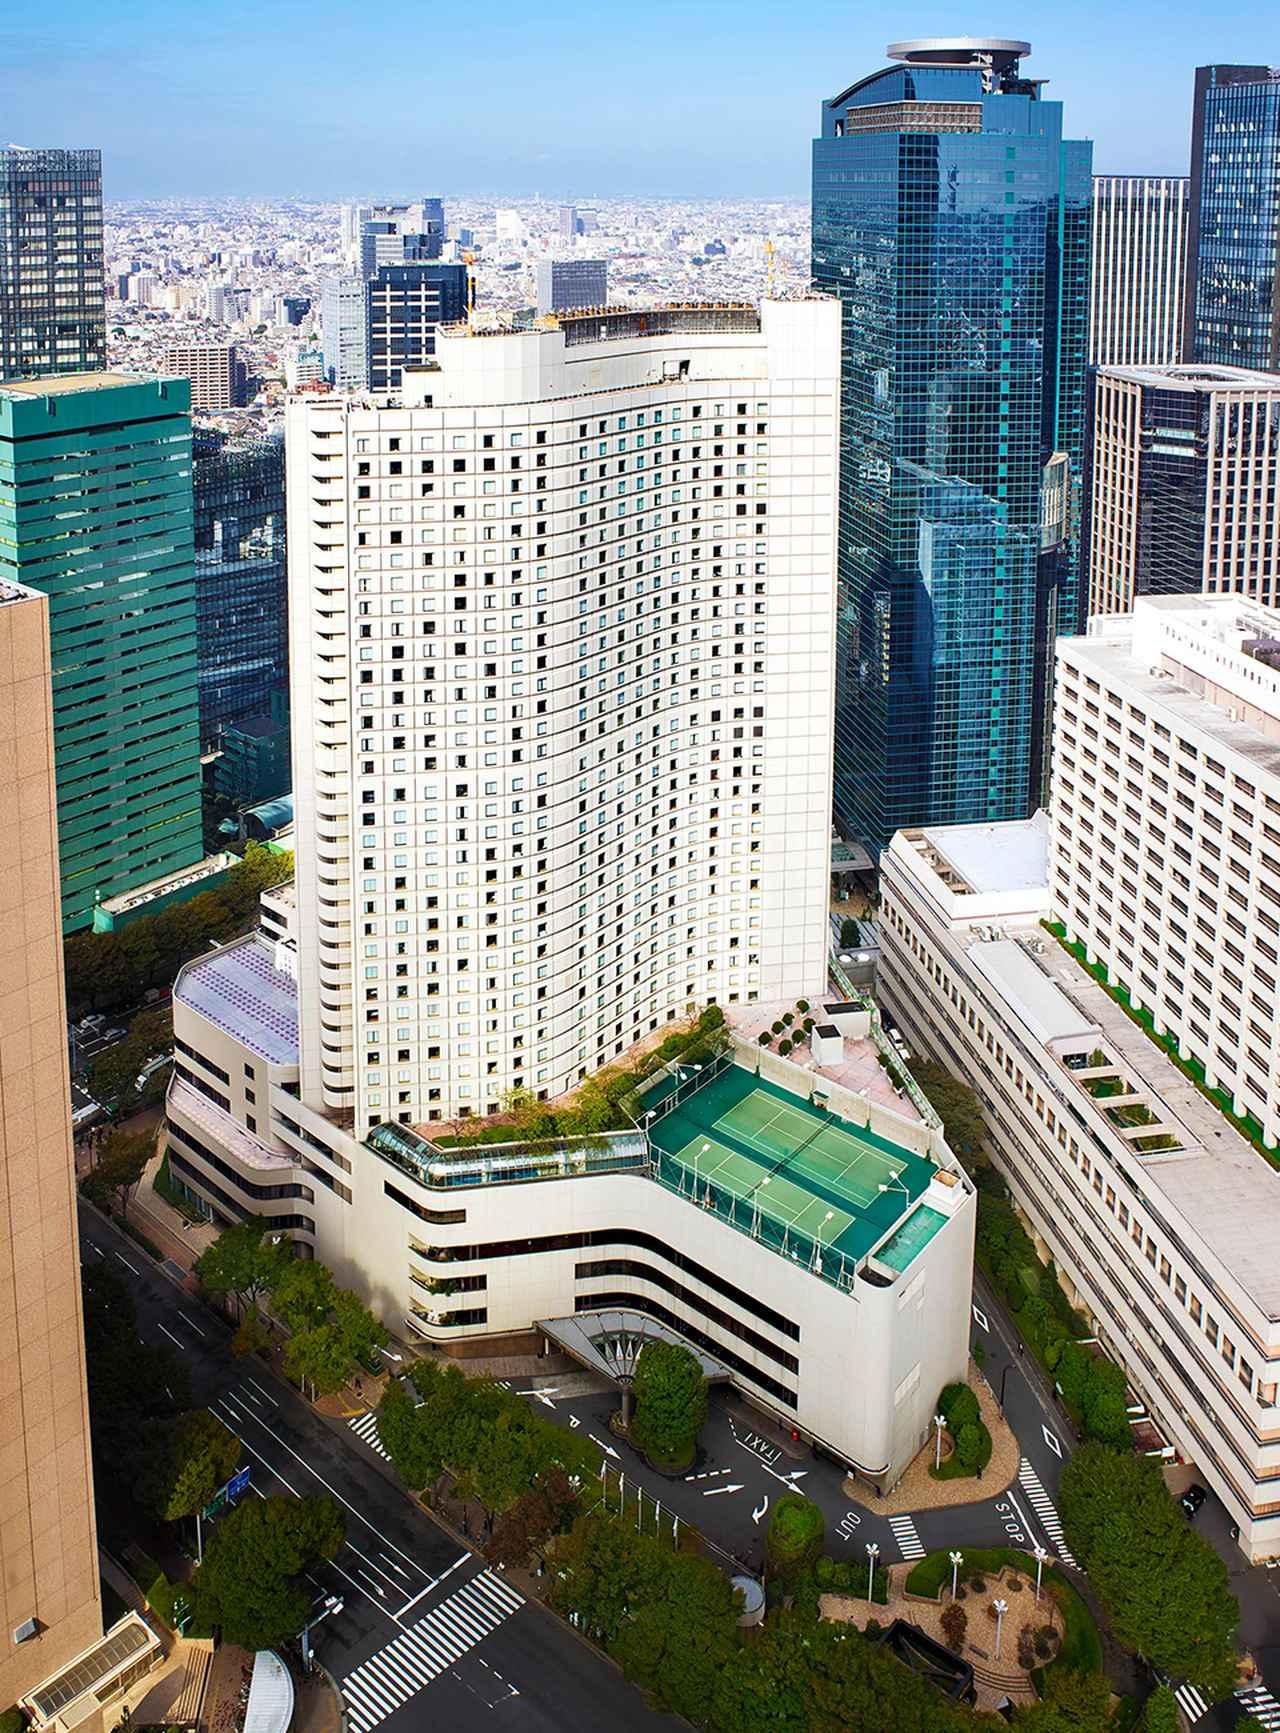 Images : 1番目の画像 - 「せきね きょうこ 連載 新・東京ホテル物語<Vol.41>」のアルバム - T JAPAN:The New York Times Style Magazine 公式サイト